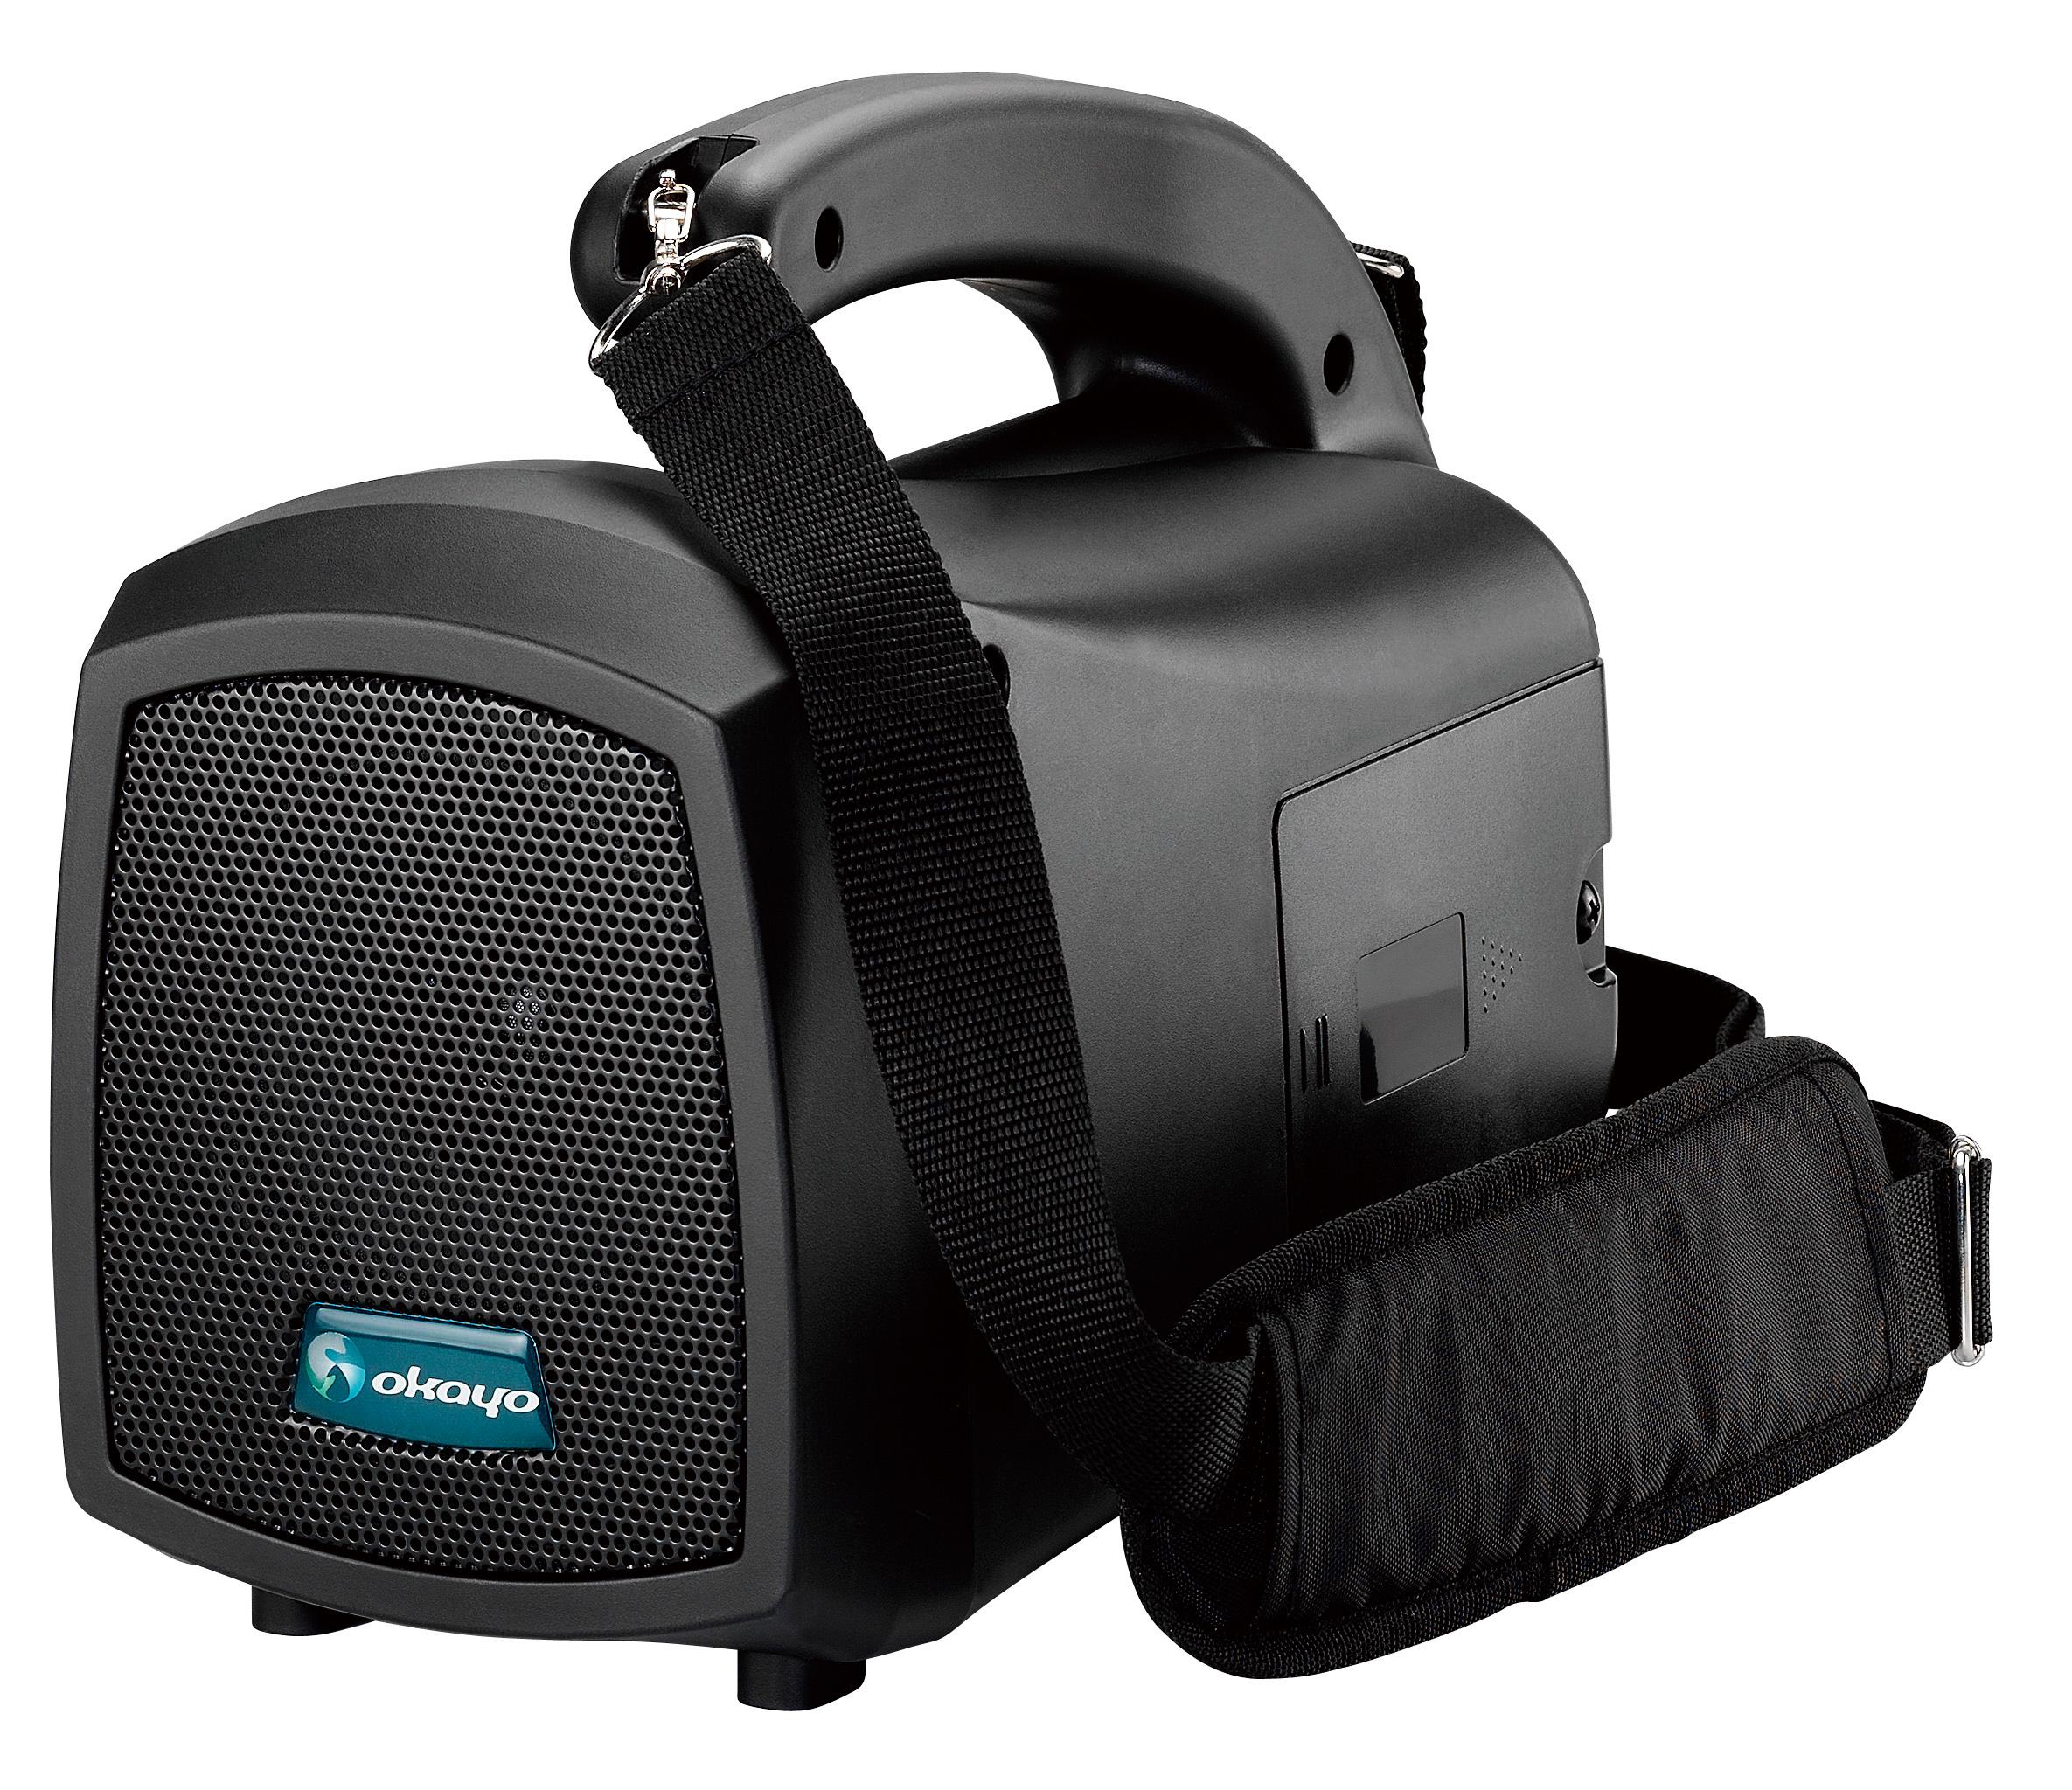 ... Kan kompletteras med fickmottagare med hörtelefon hörsnäcka eller  halsslinga för hörapparatbärare 11779c3161d68